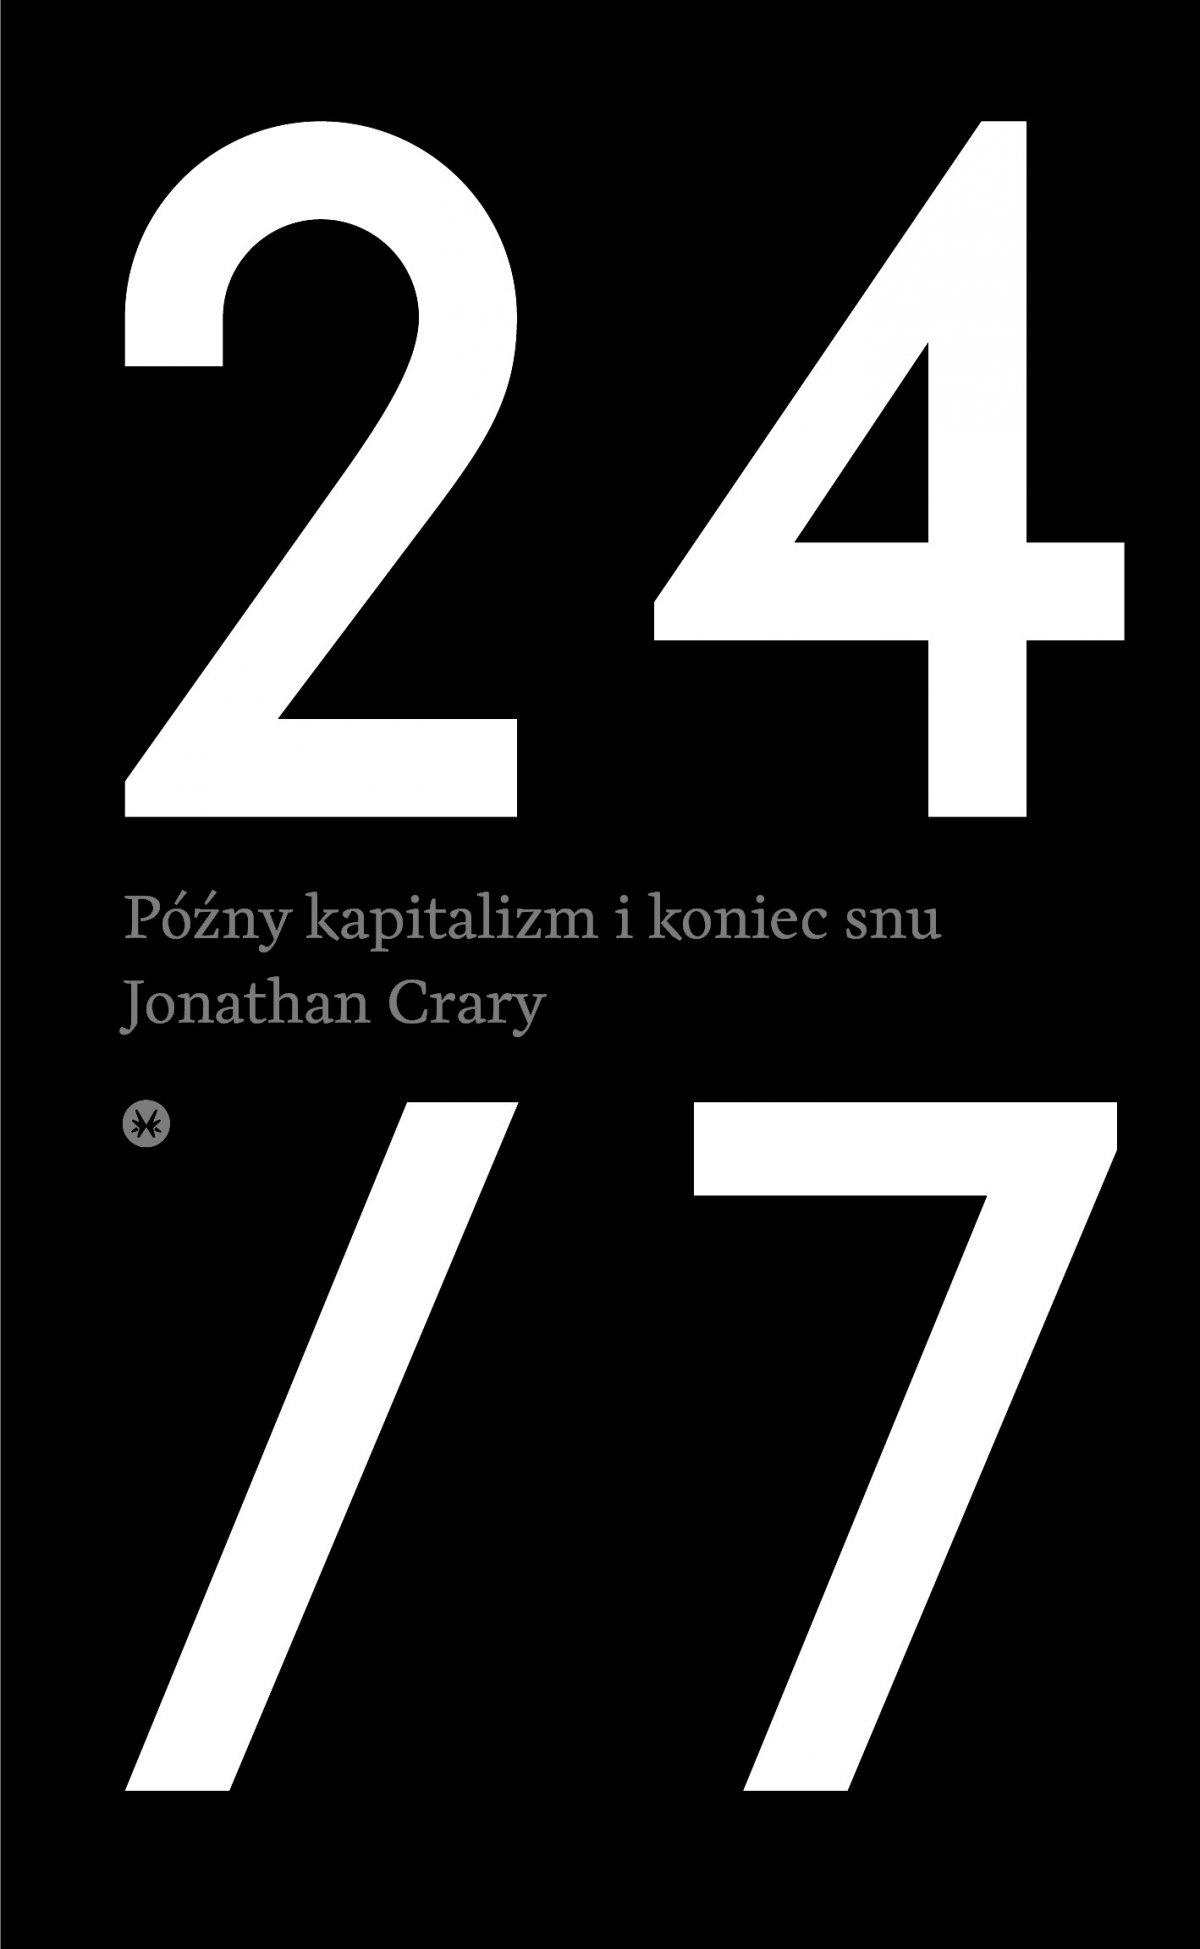 24/7. Późny kapitalizm i koniec snu - Ebook (Książka na Kindle) do pobrania w formacie MOBI